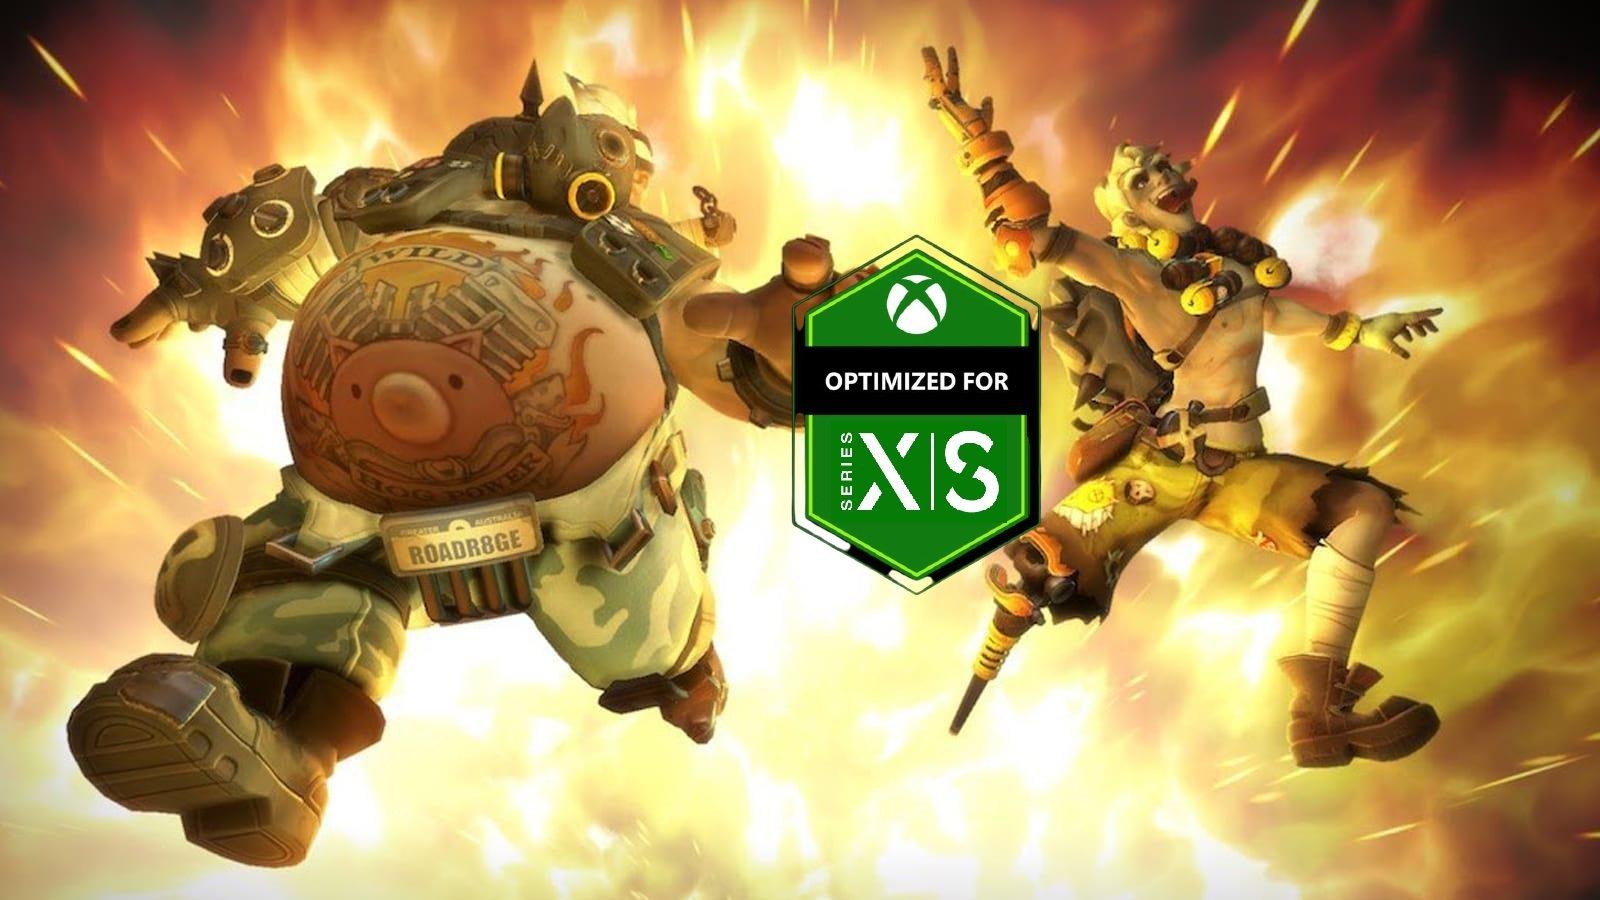 《守望先锋》迎来Xbox Series X|S性能优化,现已支持120FPS